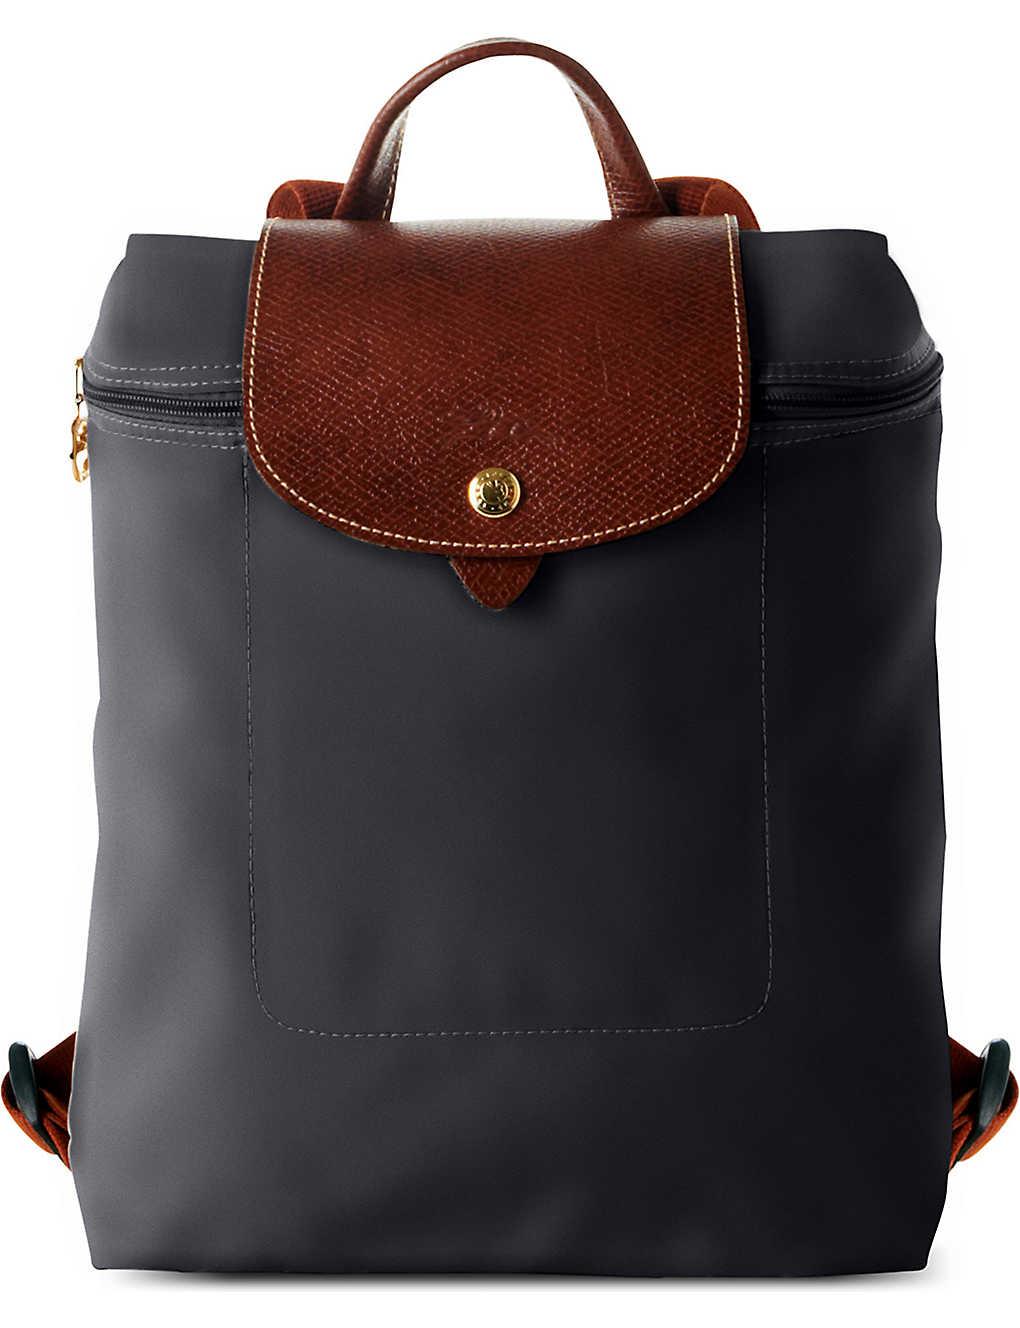 39e9c53aca4 LONGCHAMP - Le Pliage backpack   Selfridges.com